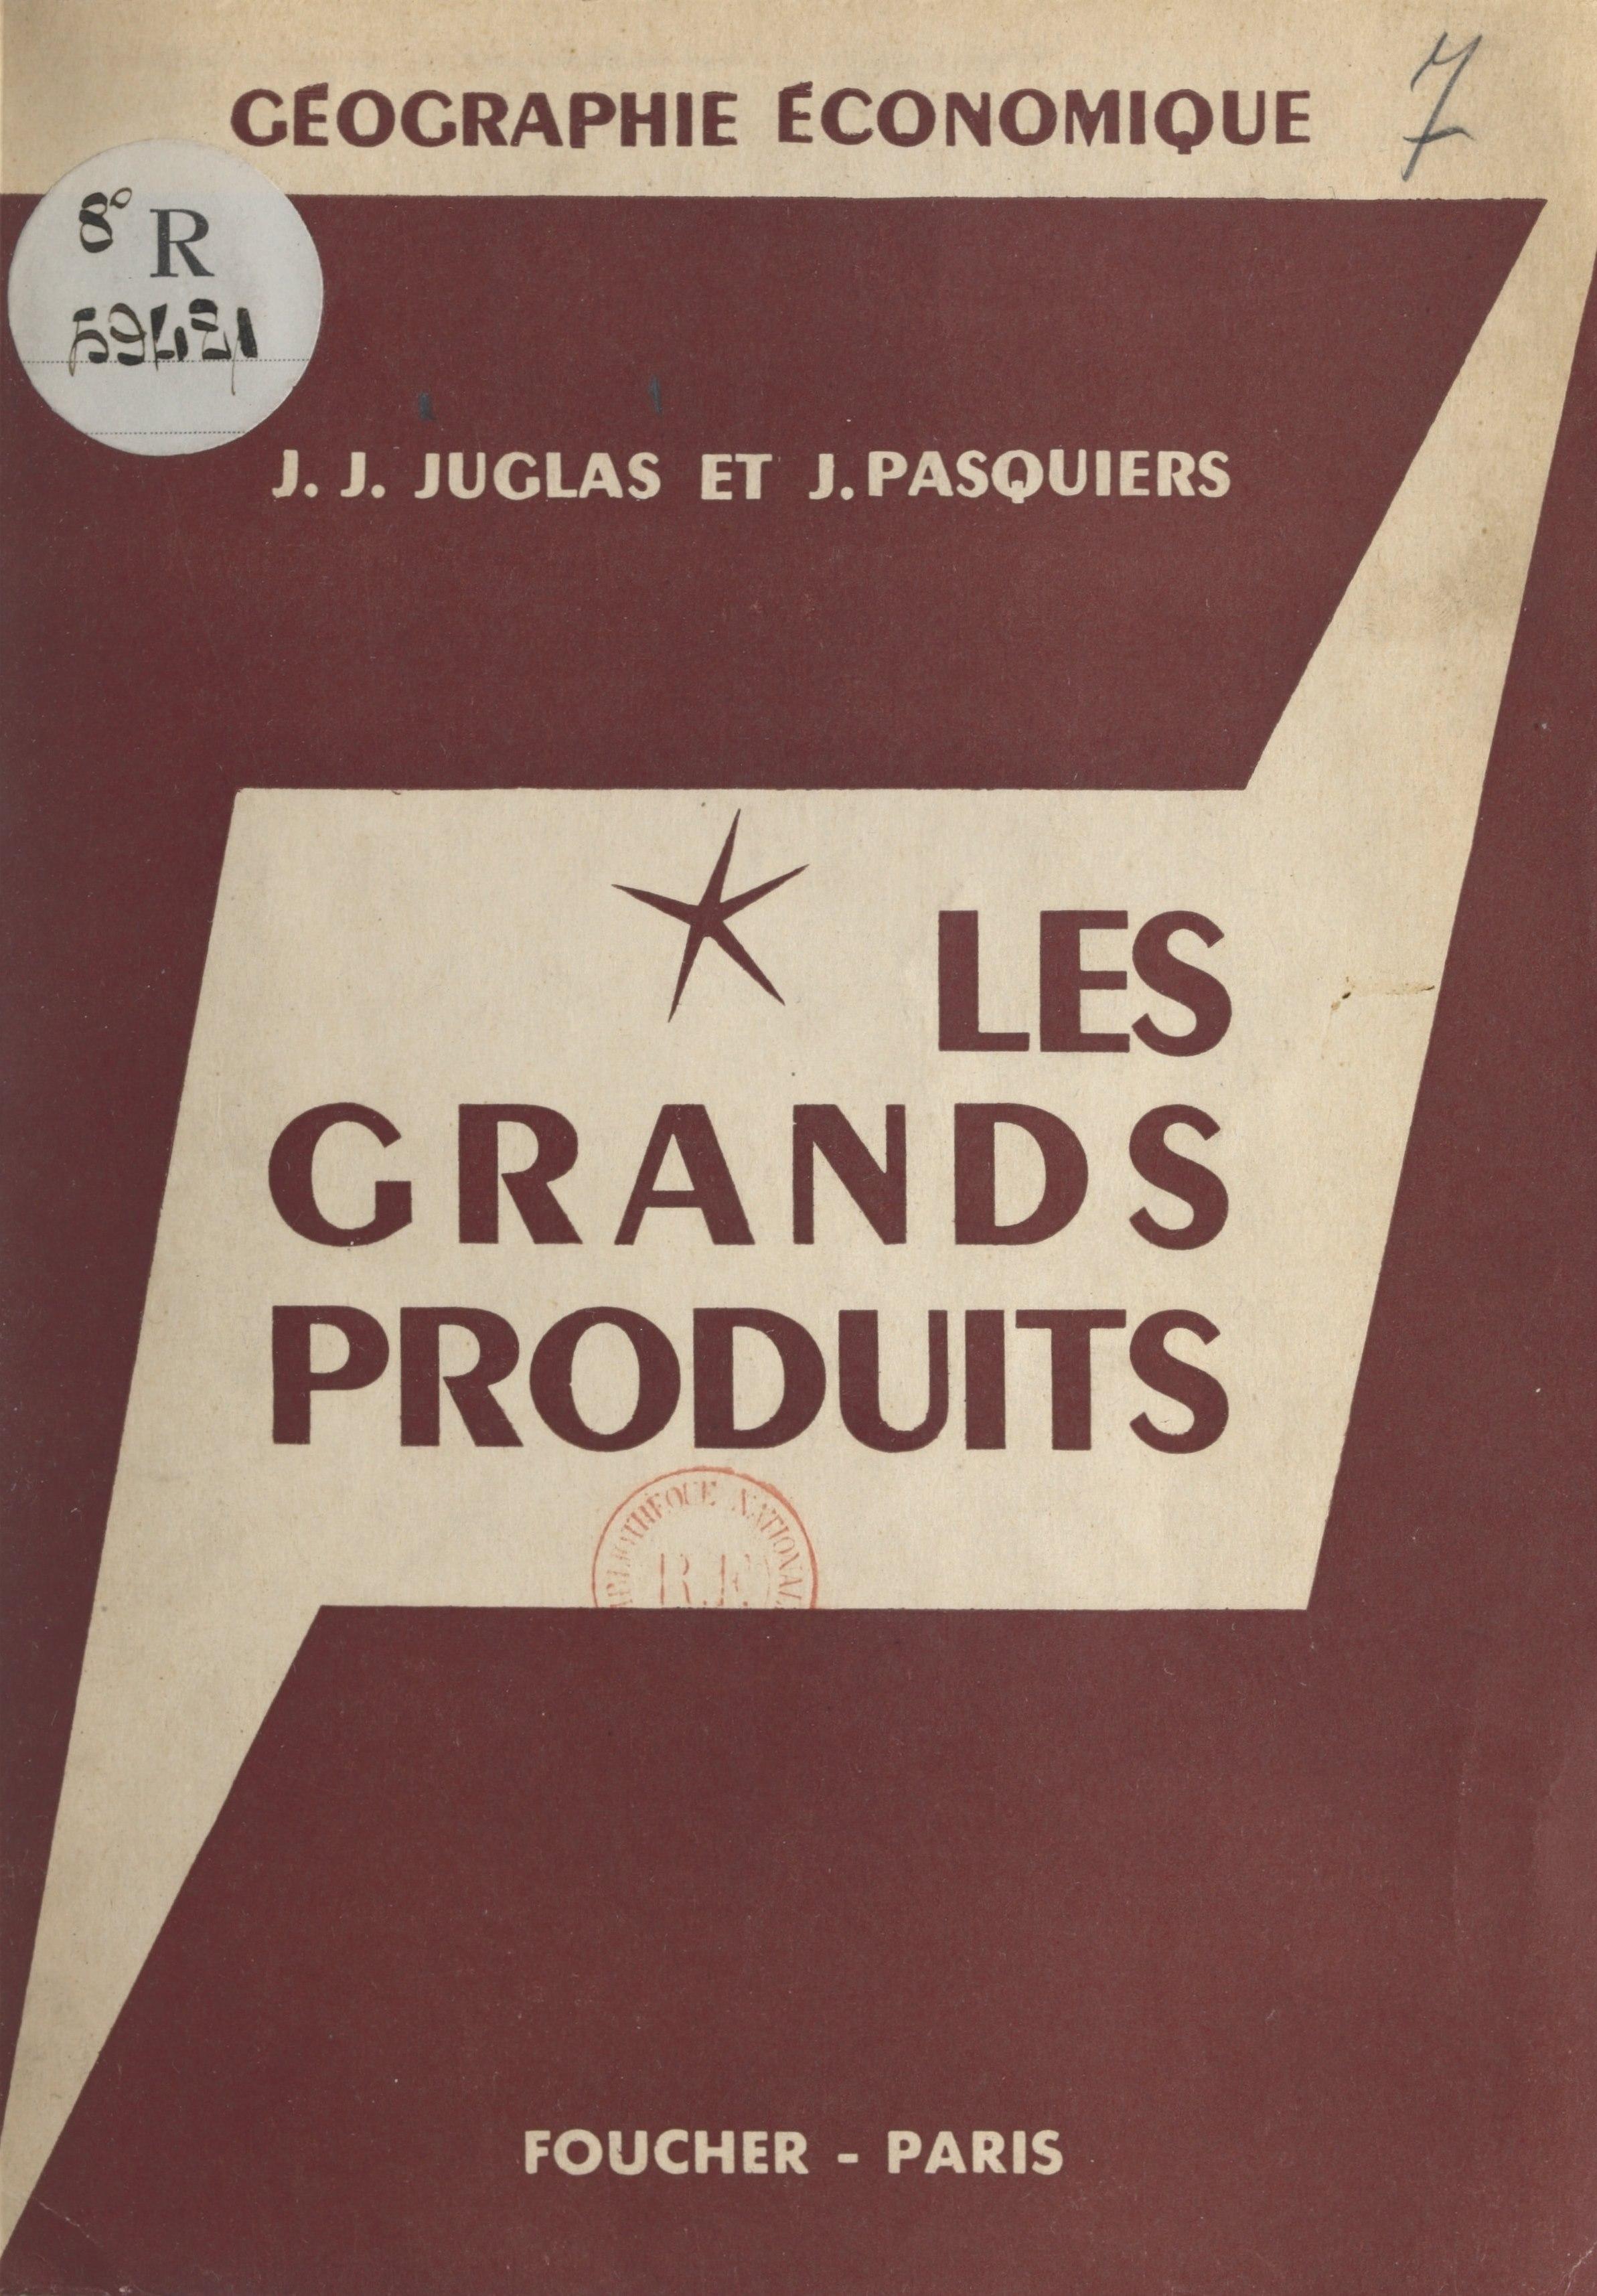 Les grands produits